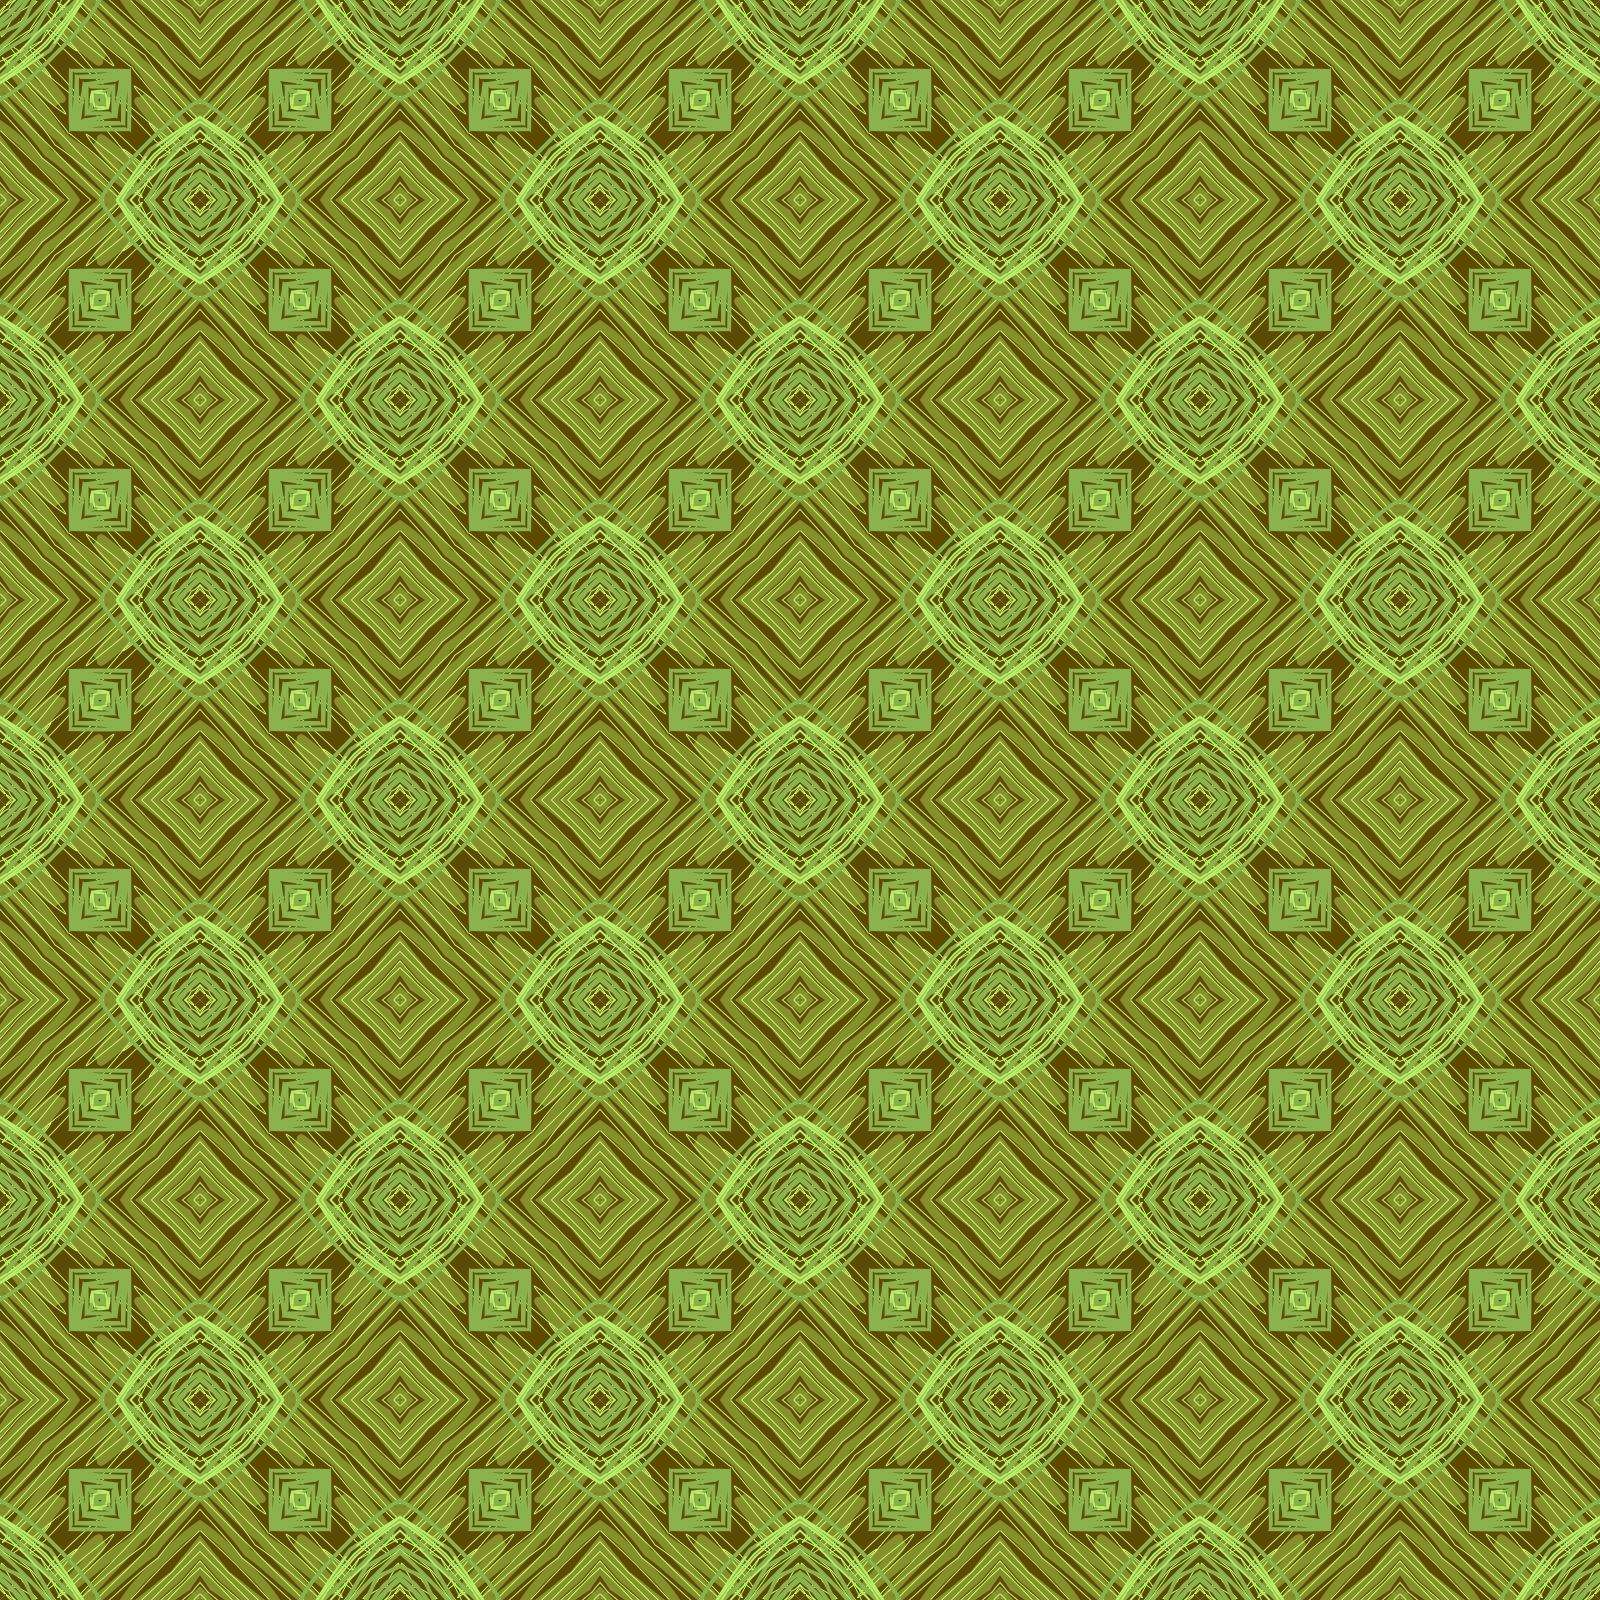 098_tiled